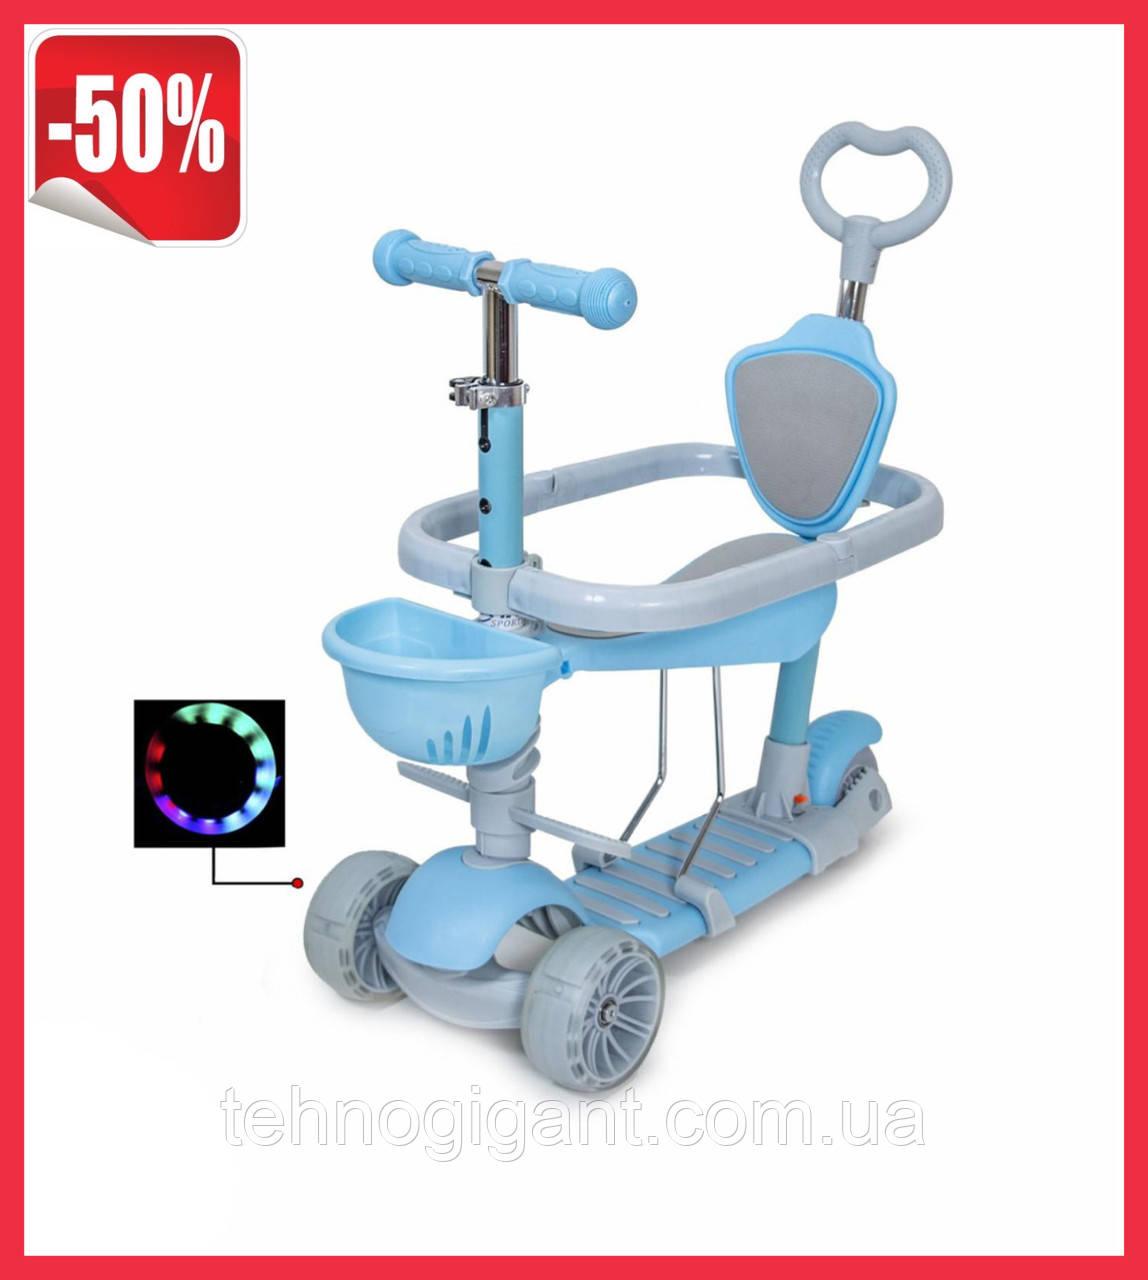 Дитячий триколісний самокат беговел з обмежувачем і батьківською ручкою Scooter 5 в 1 Синій з бортиком